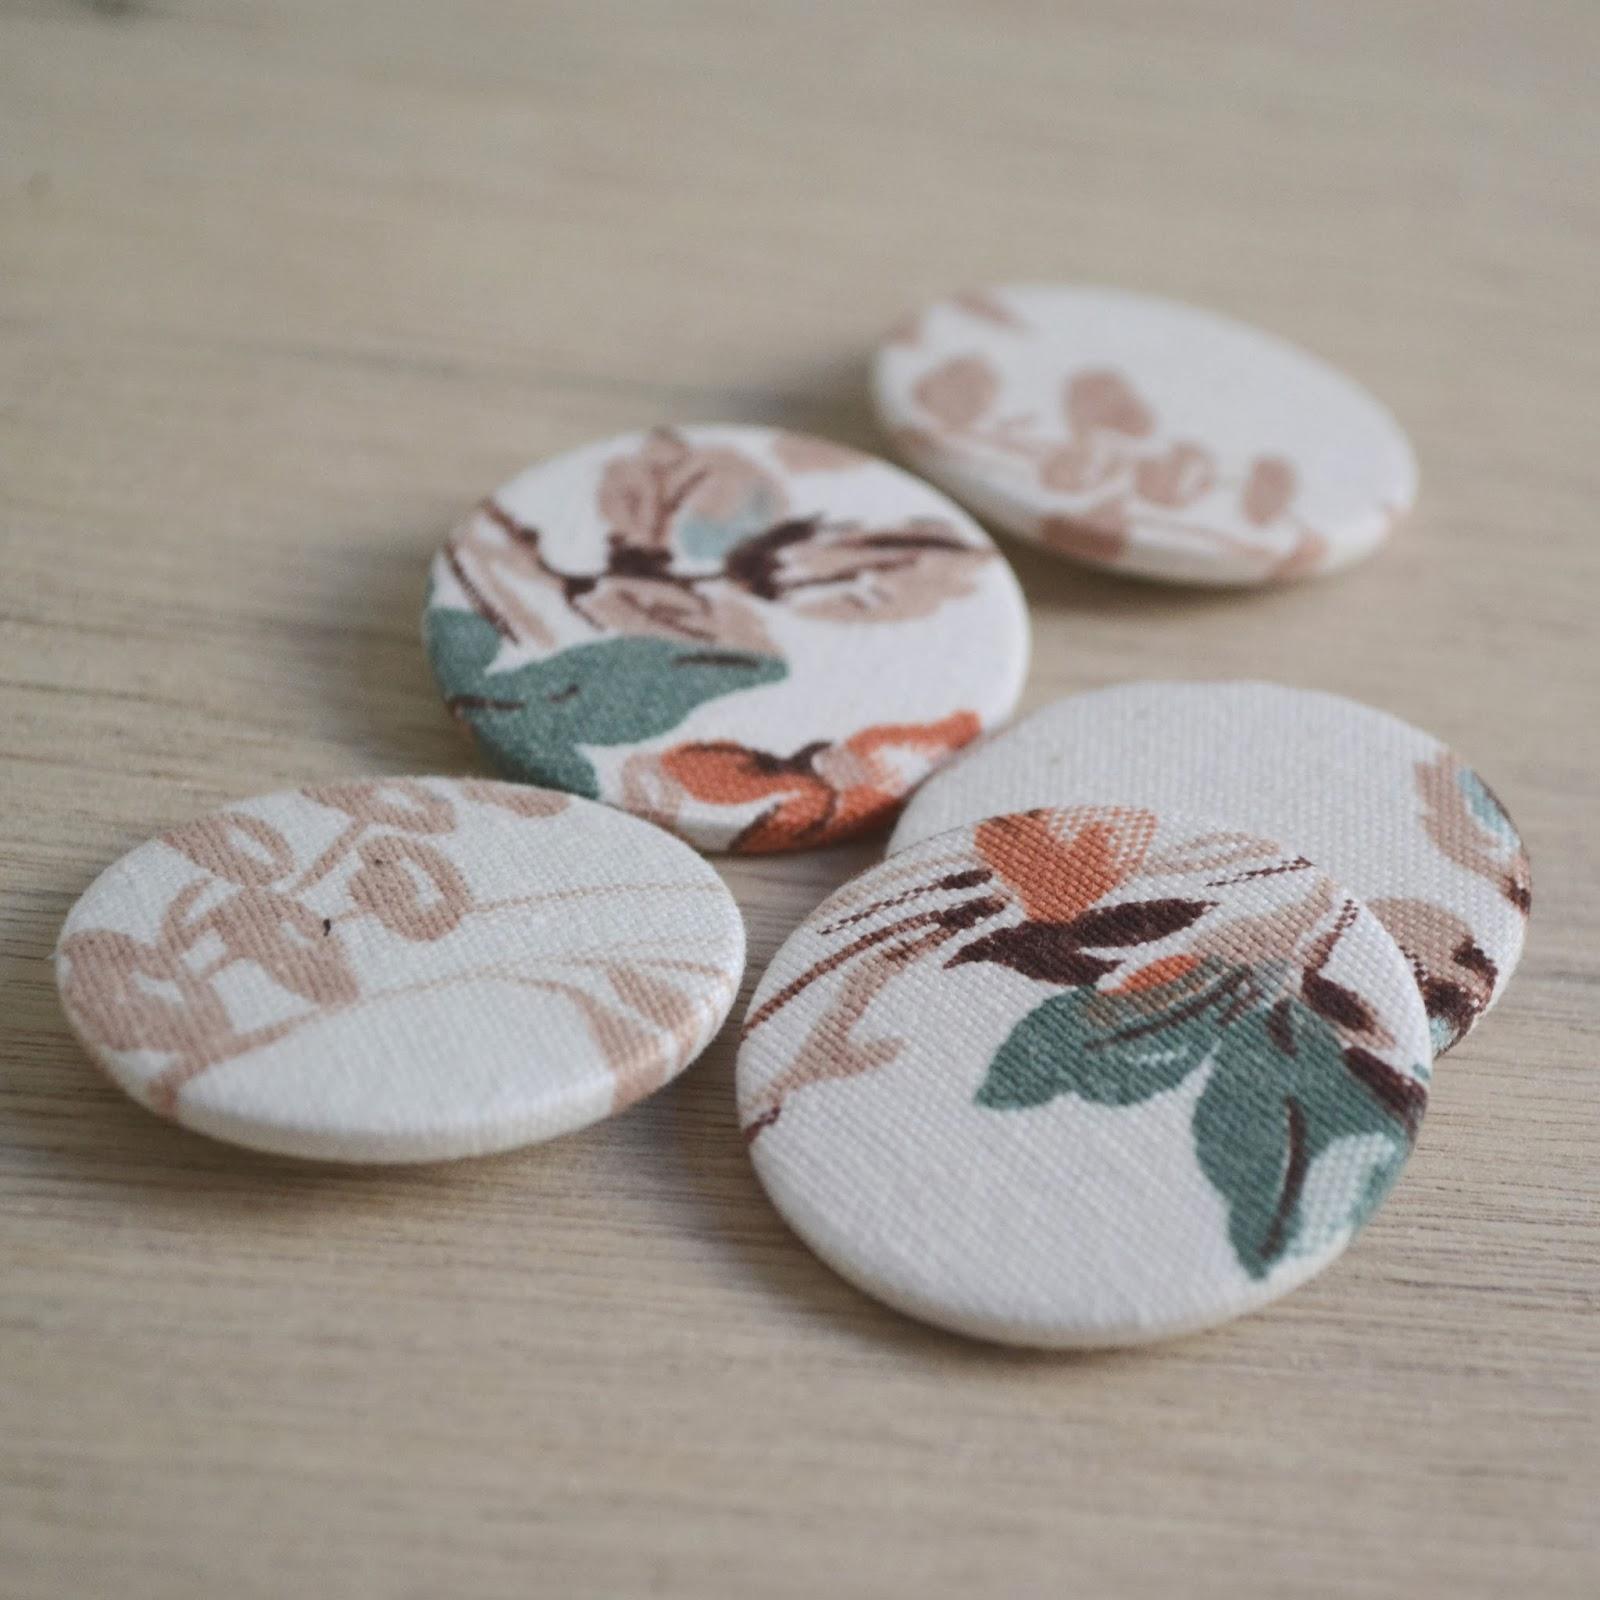 https://www.etsy.com/listing/175733719/set-of-five-vintage-floral-fabric-badges?ref=shop_home_active_6